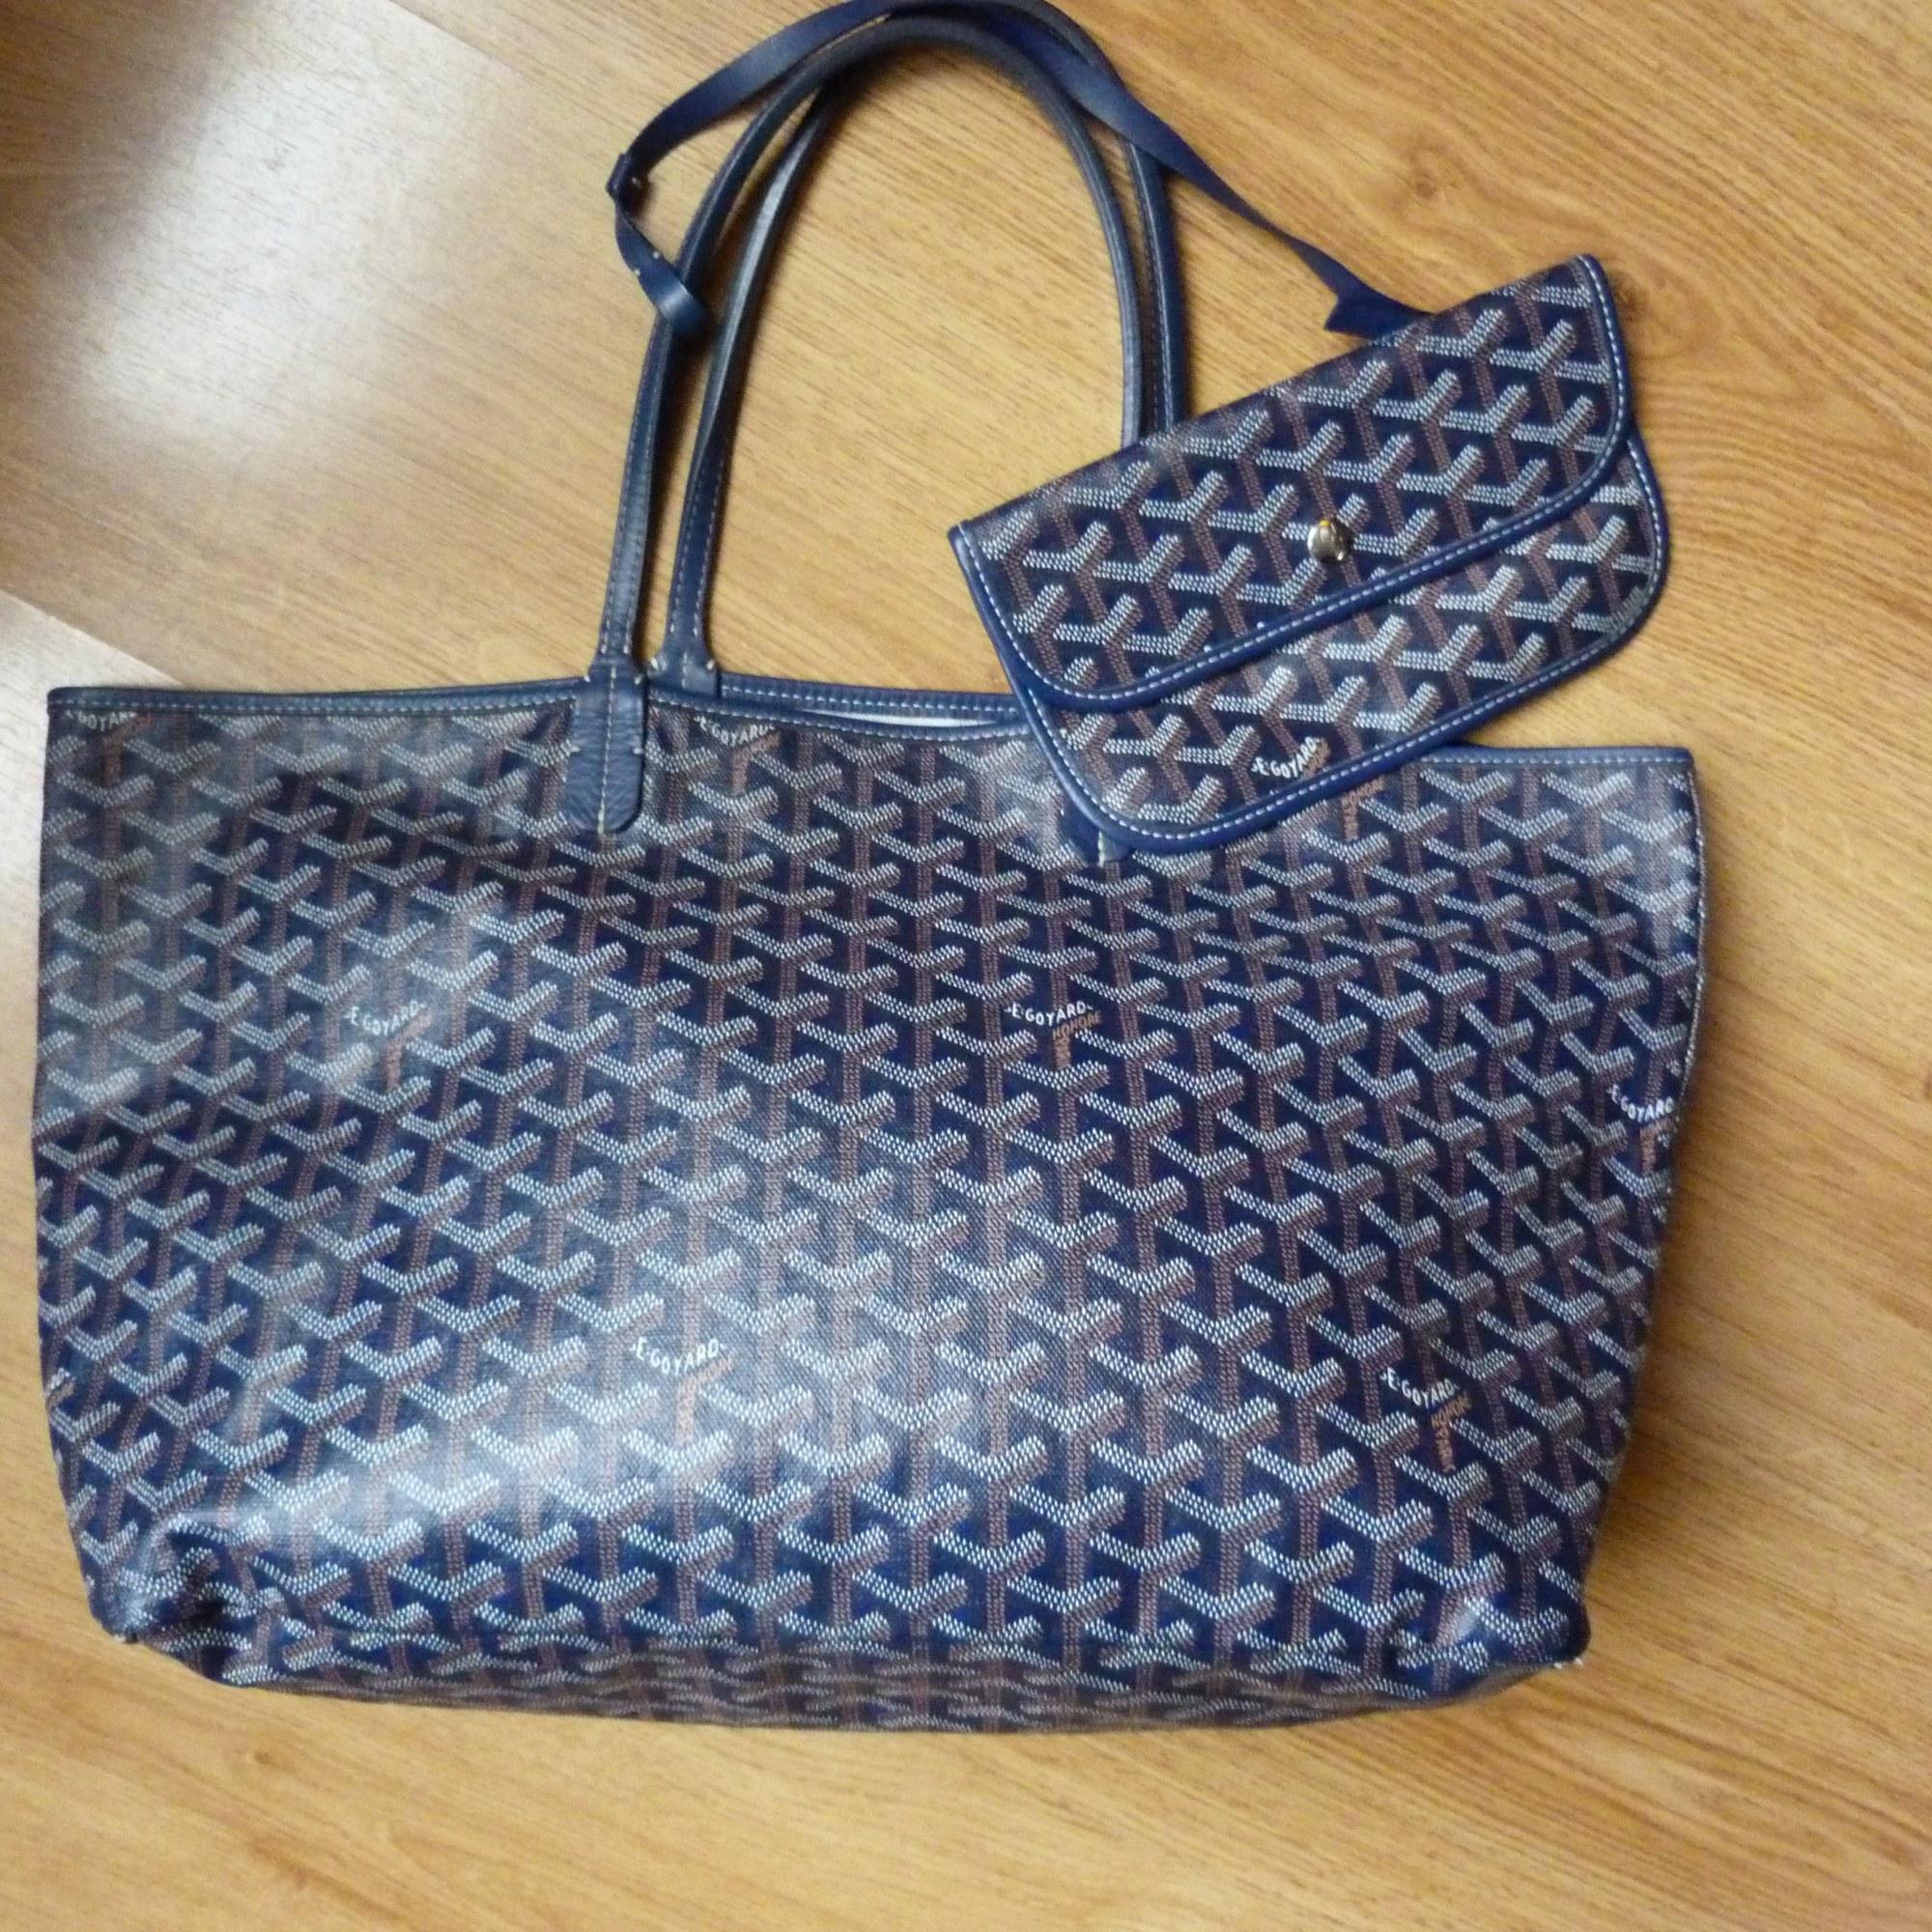 91102e2a39 Sac à main en cuir GOYARD bleu vendu par Louisa :)) - 1011453